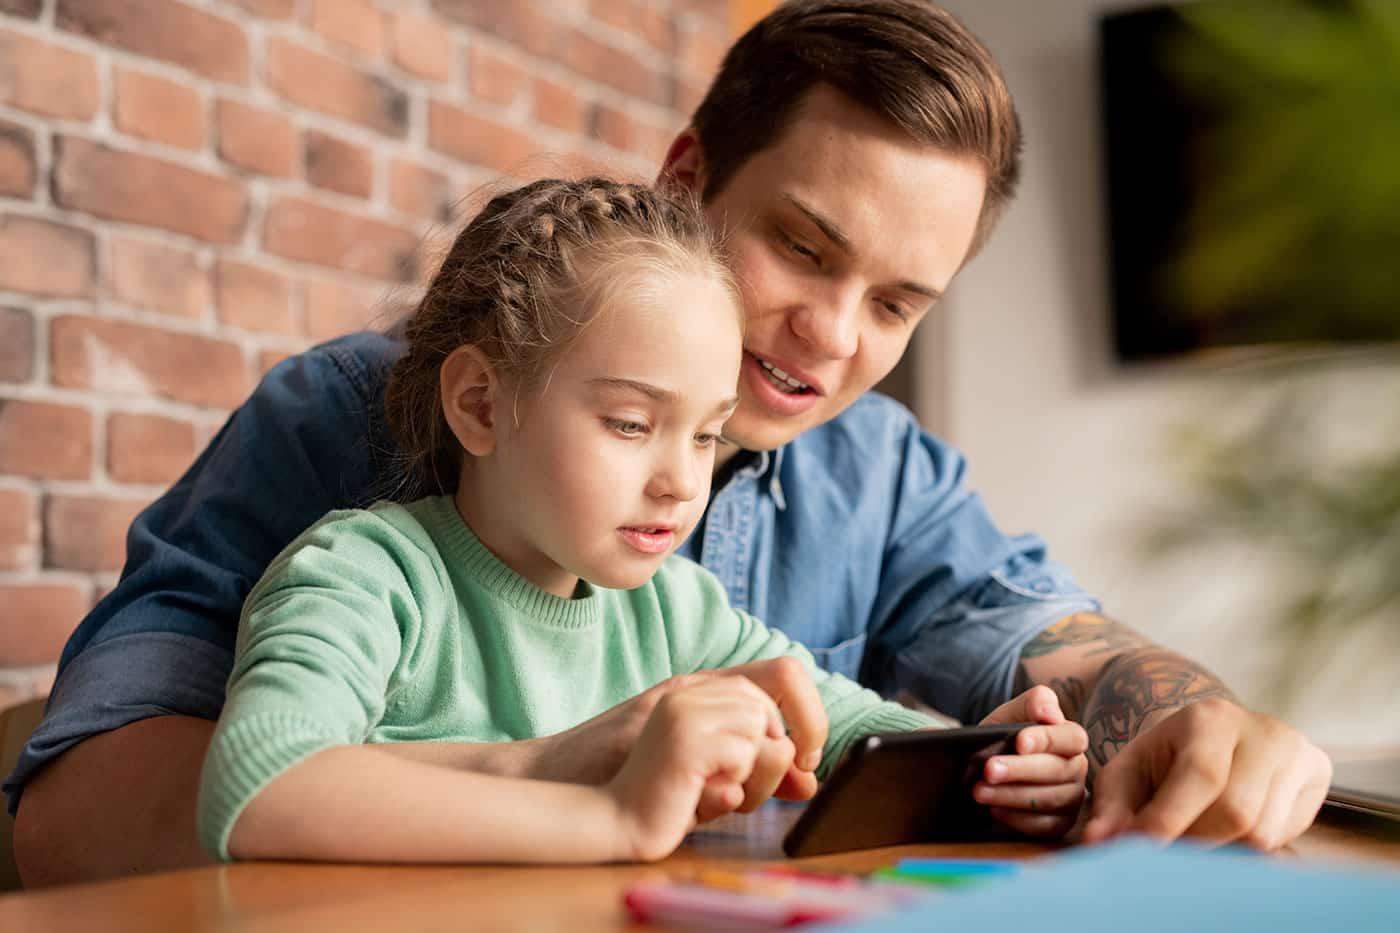 ¿Cómo afecta la tecnología a los niños?